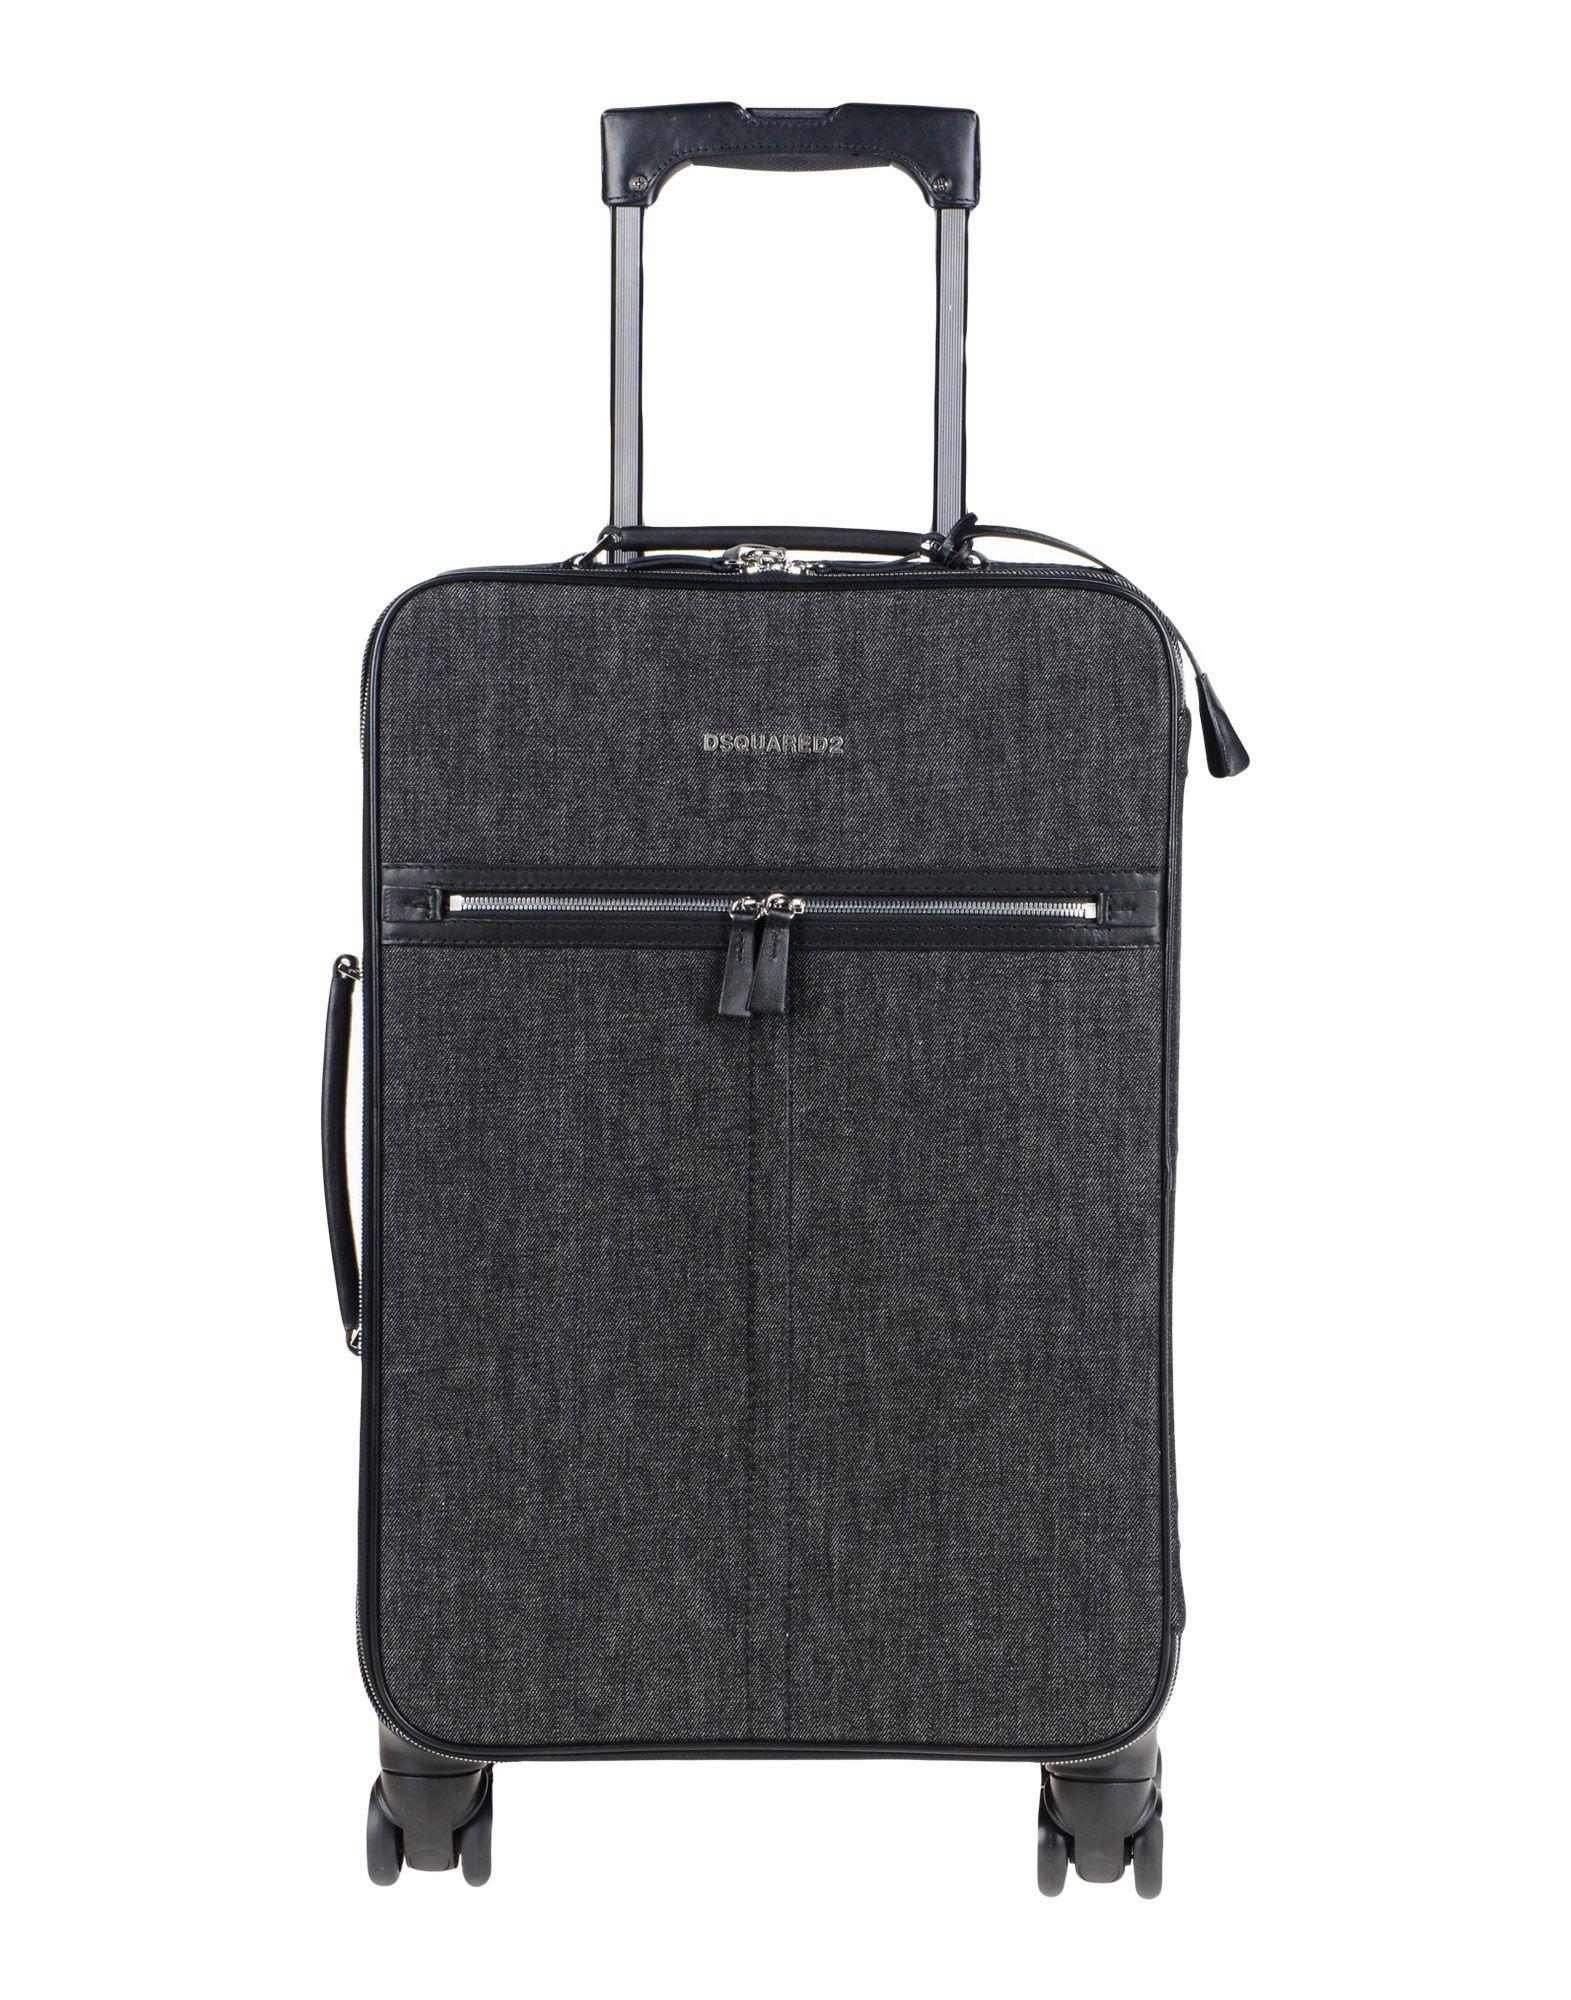 DSQUARED2 Чемодан/сумка на колесиках чемодан samsonite чемодан 55 см base boost